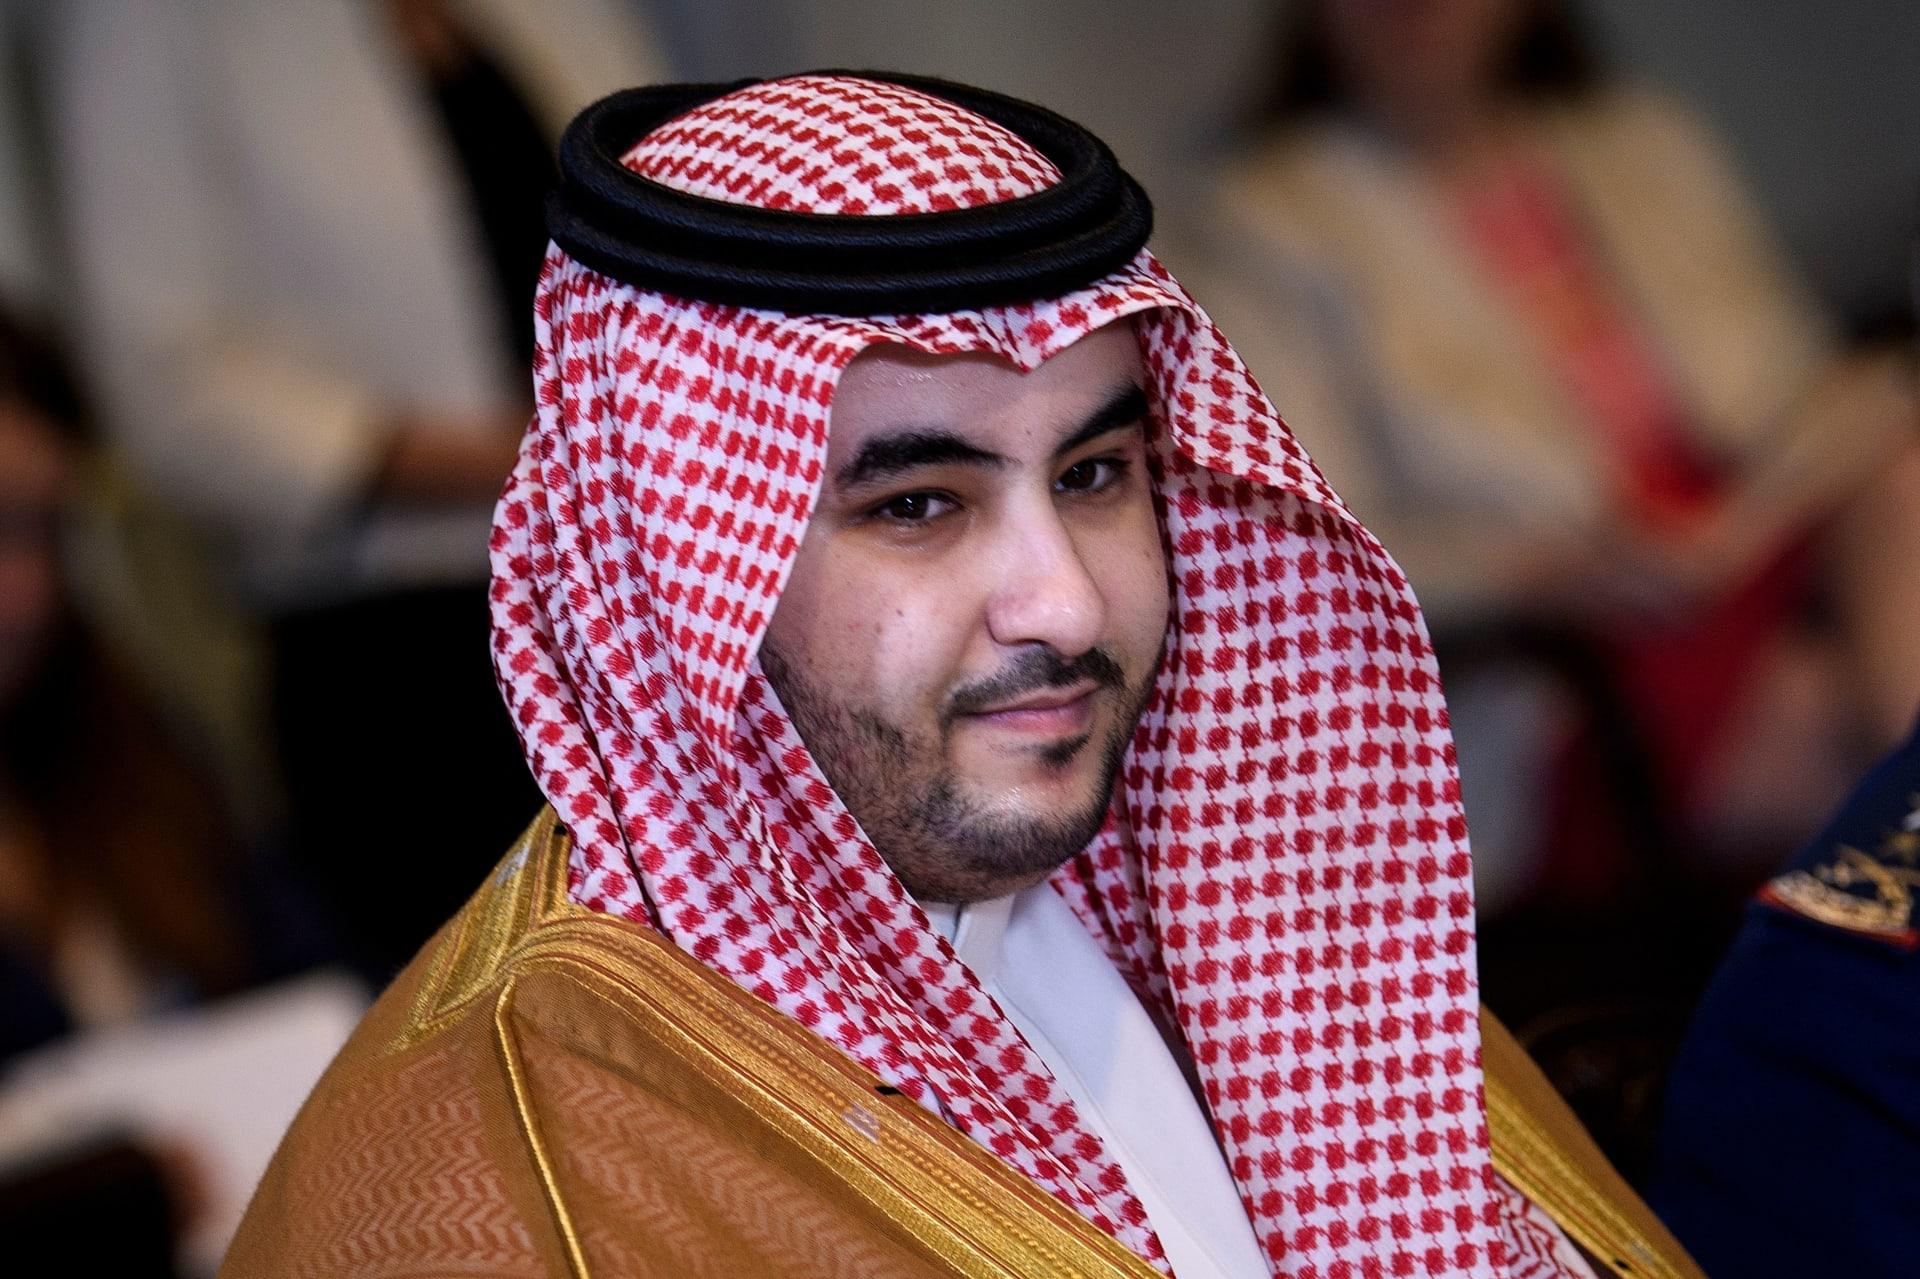 نائب وزير الدفاع السعودي يتلقى الجرعة الأولى من لقاح كورونا